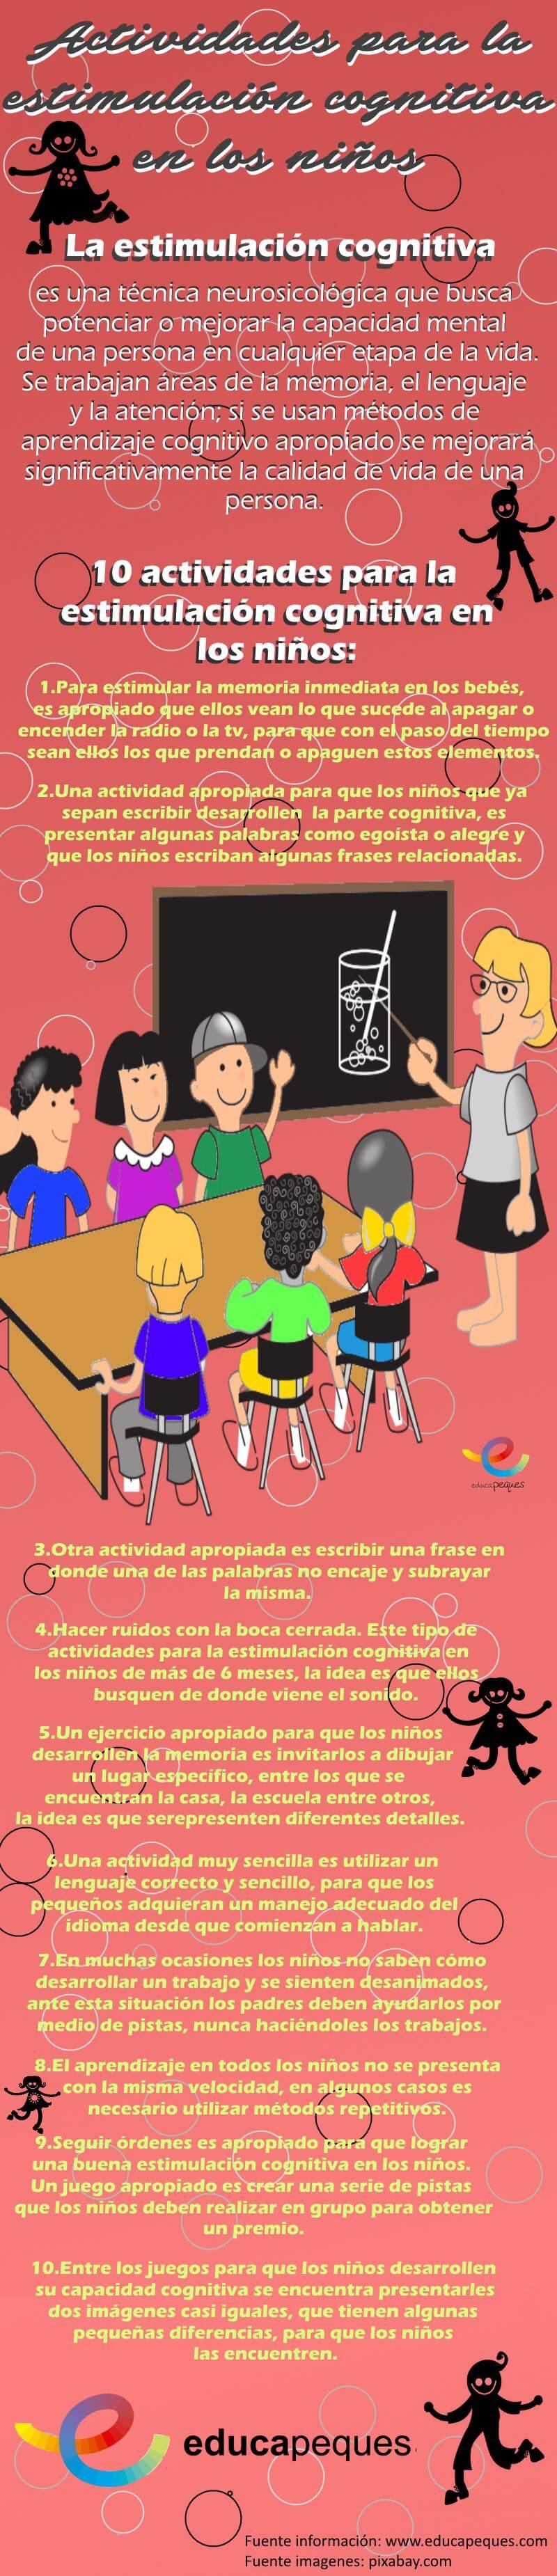 imagenes educativas actividades estimulación cognitiva